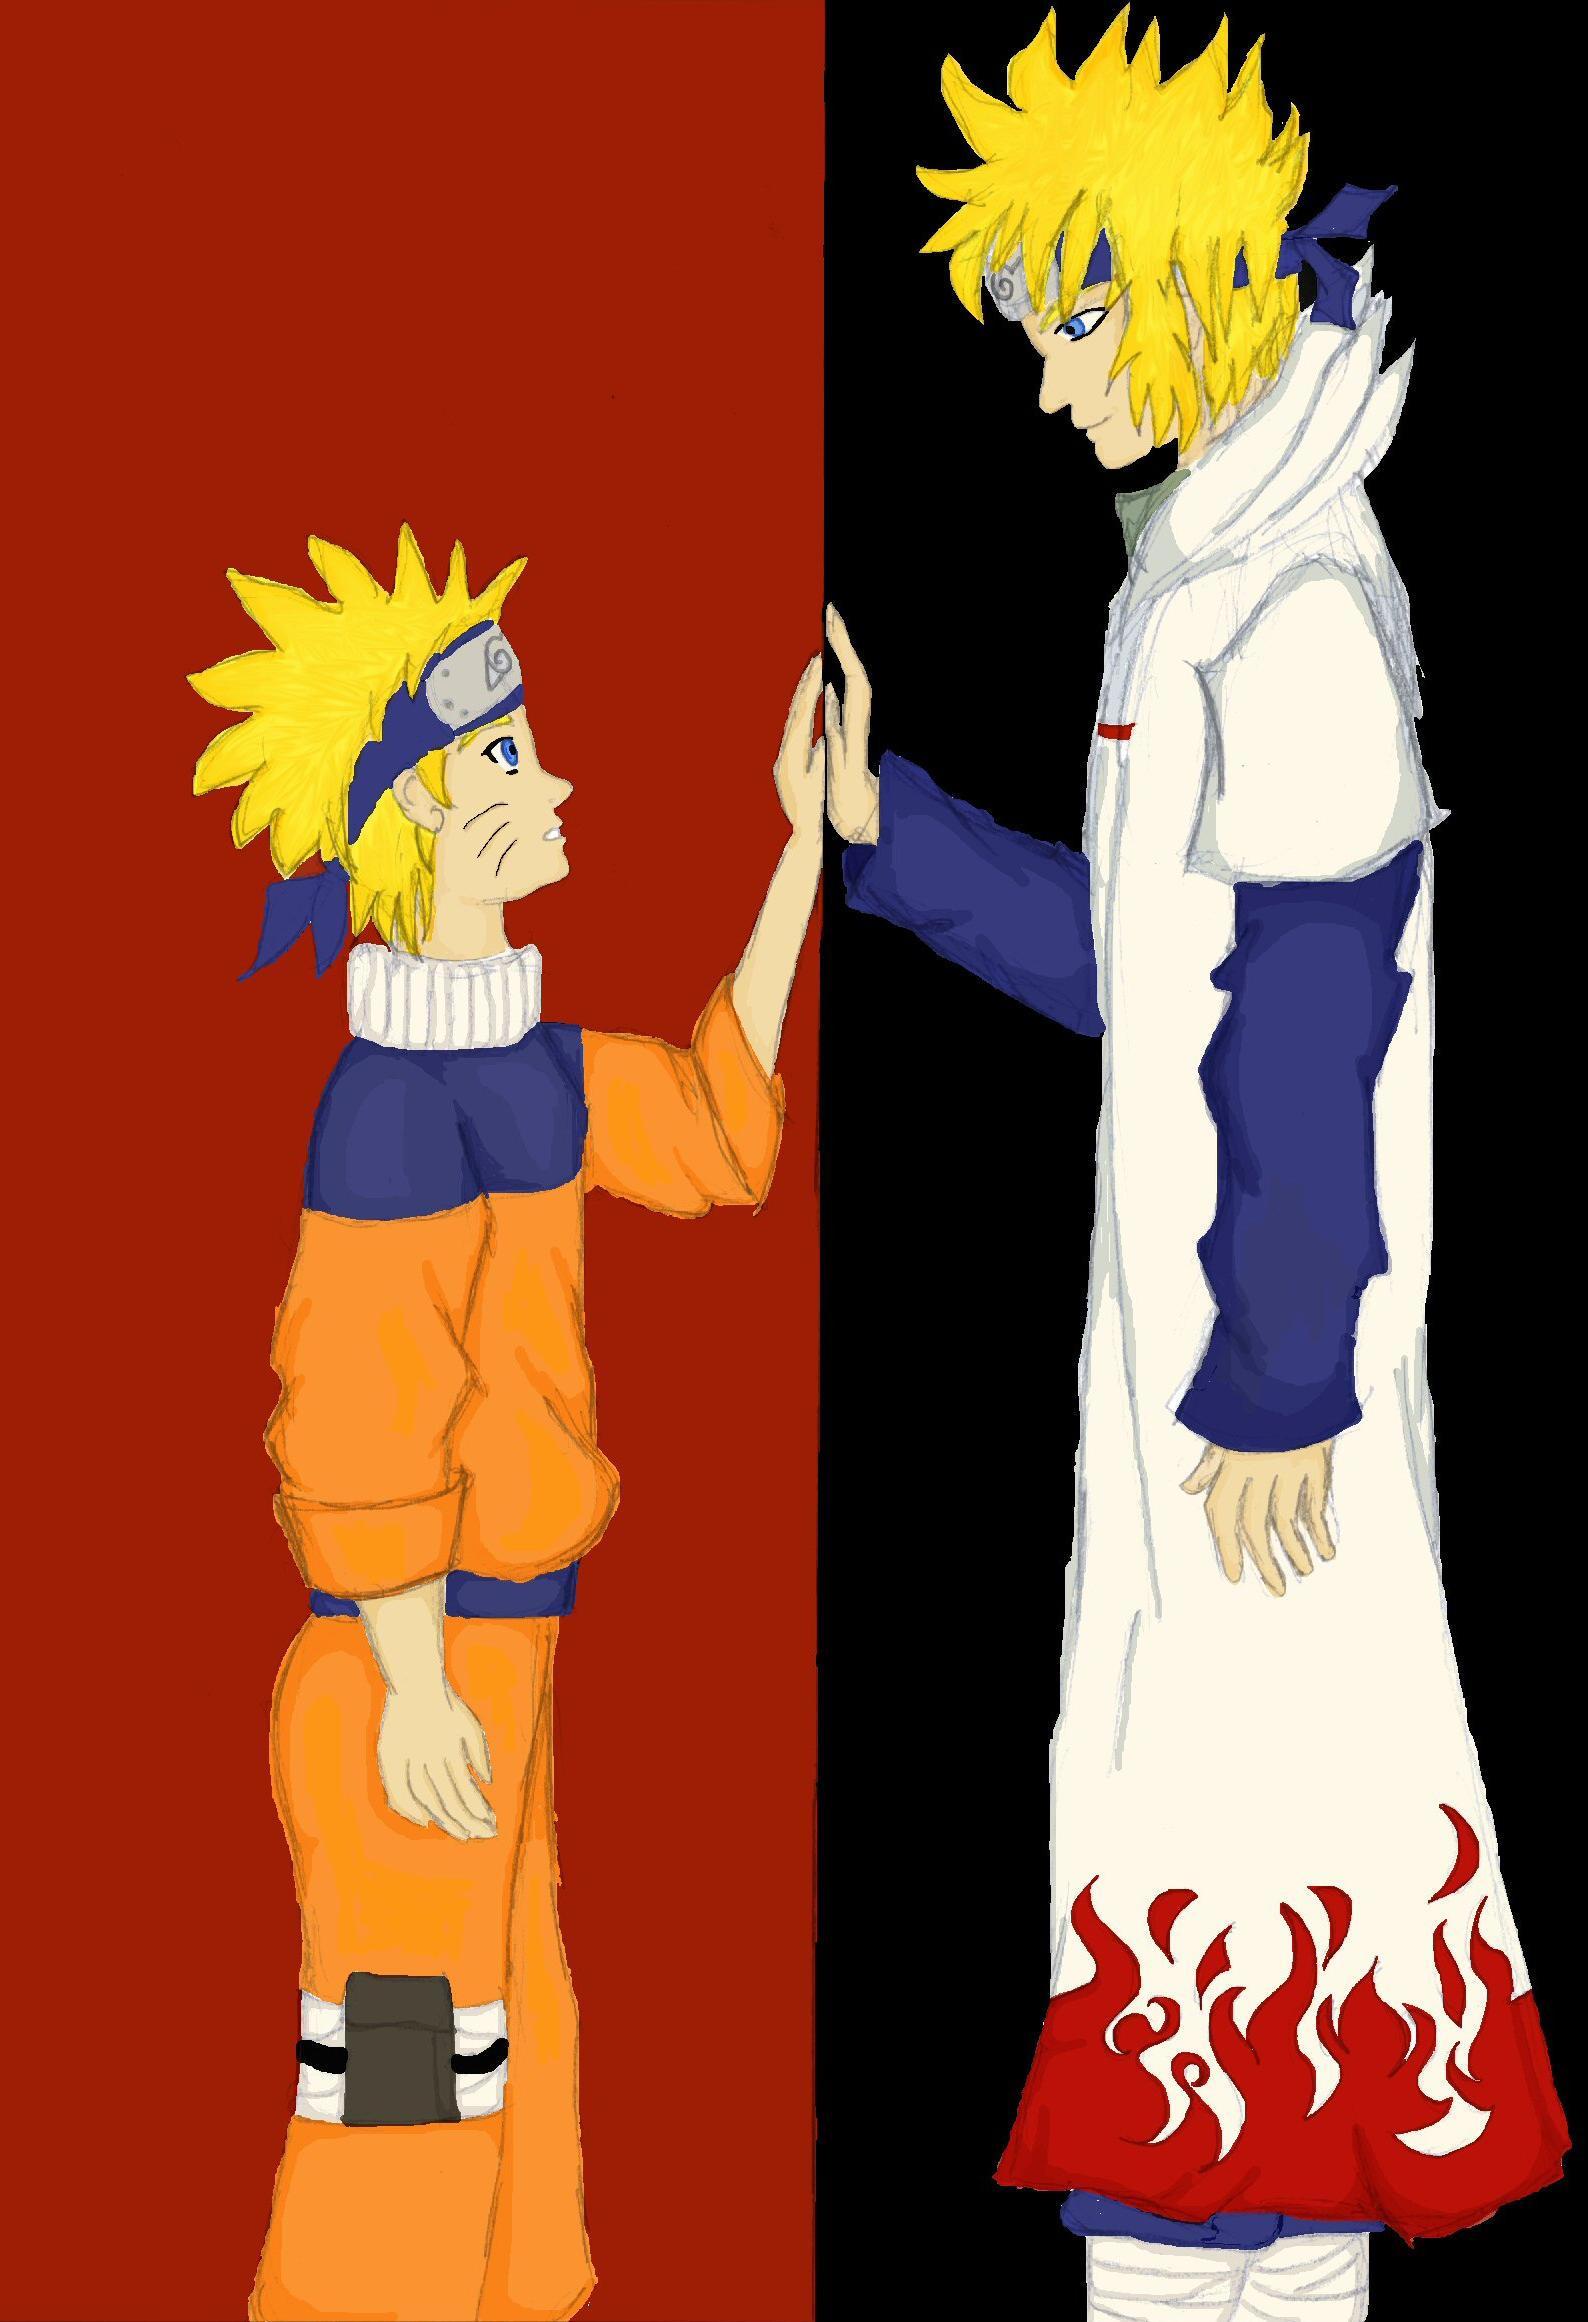 Naruto and Yondaime by mithua